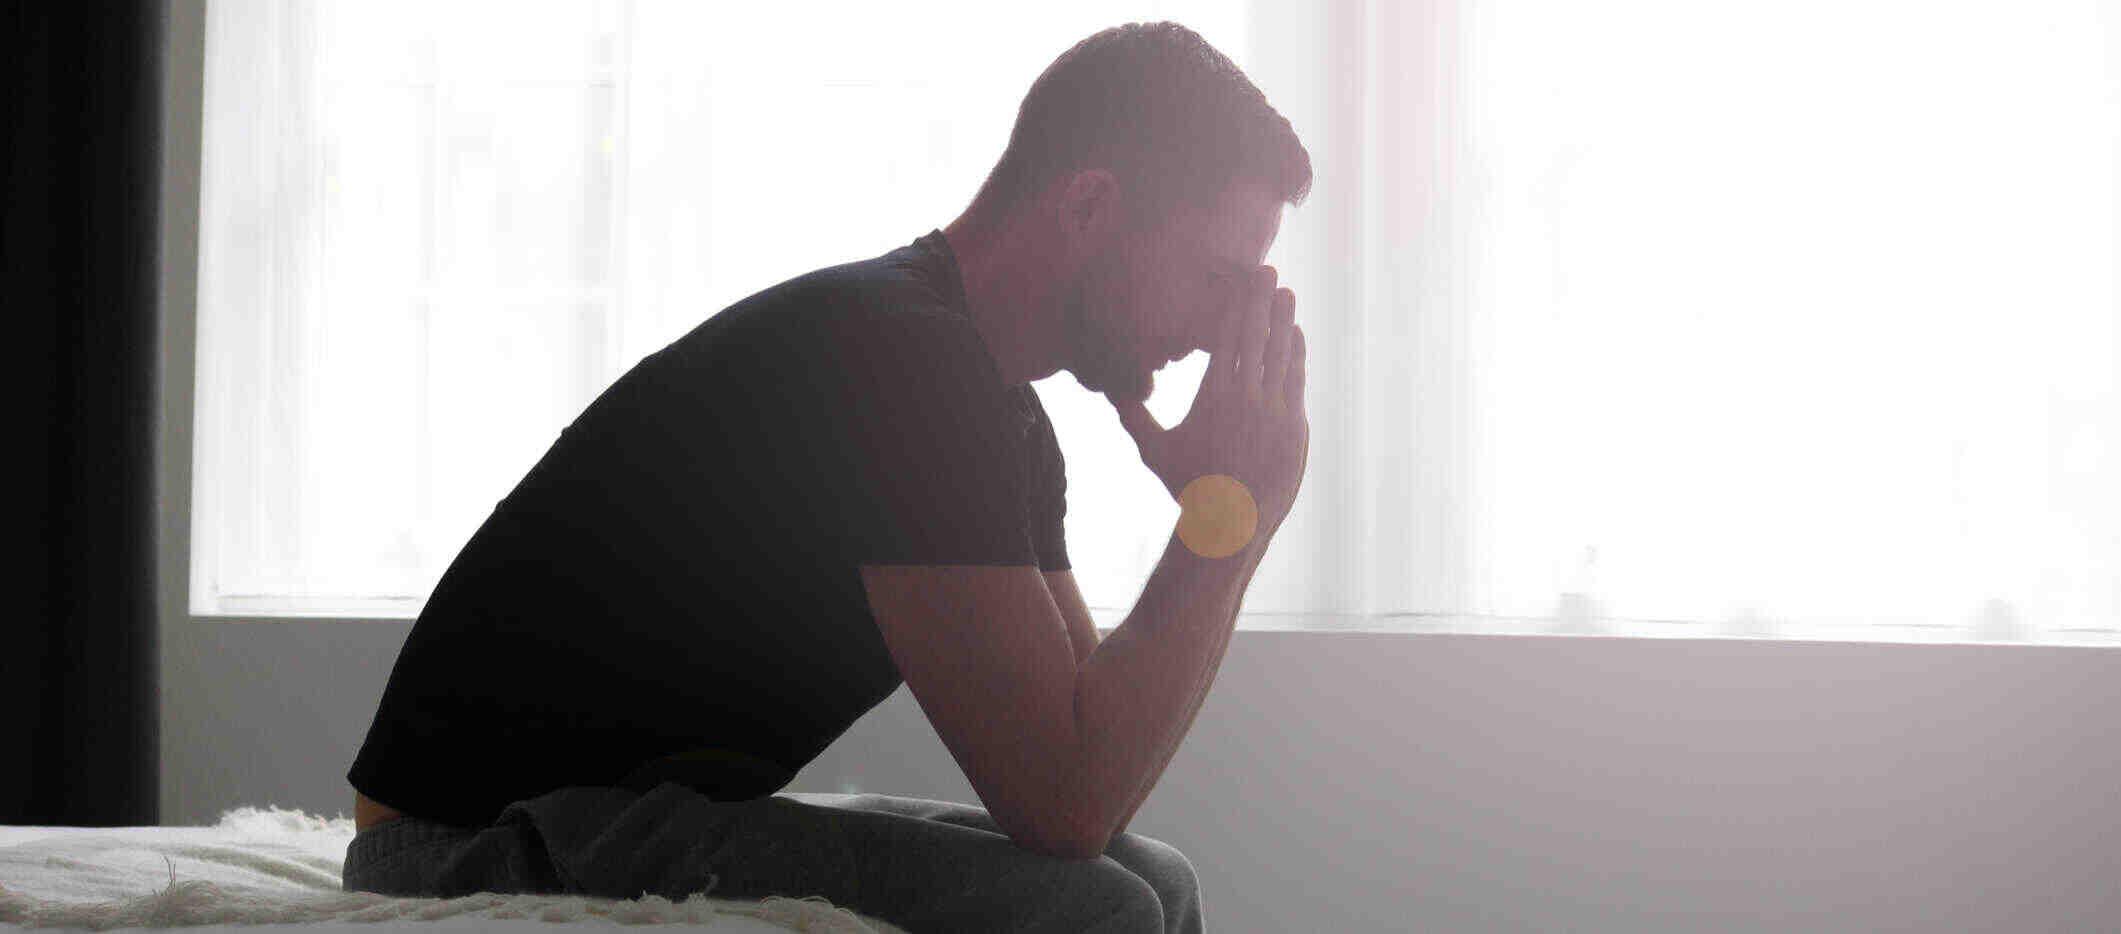 Quel médicament homéopathique pour l'anxiété?